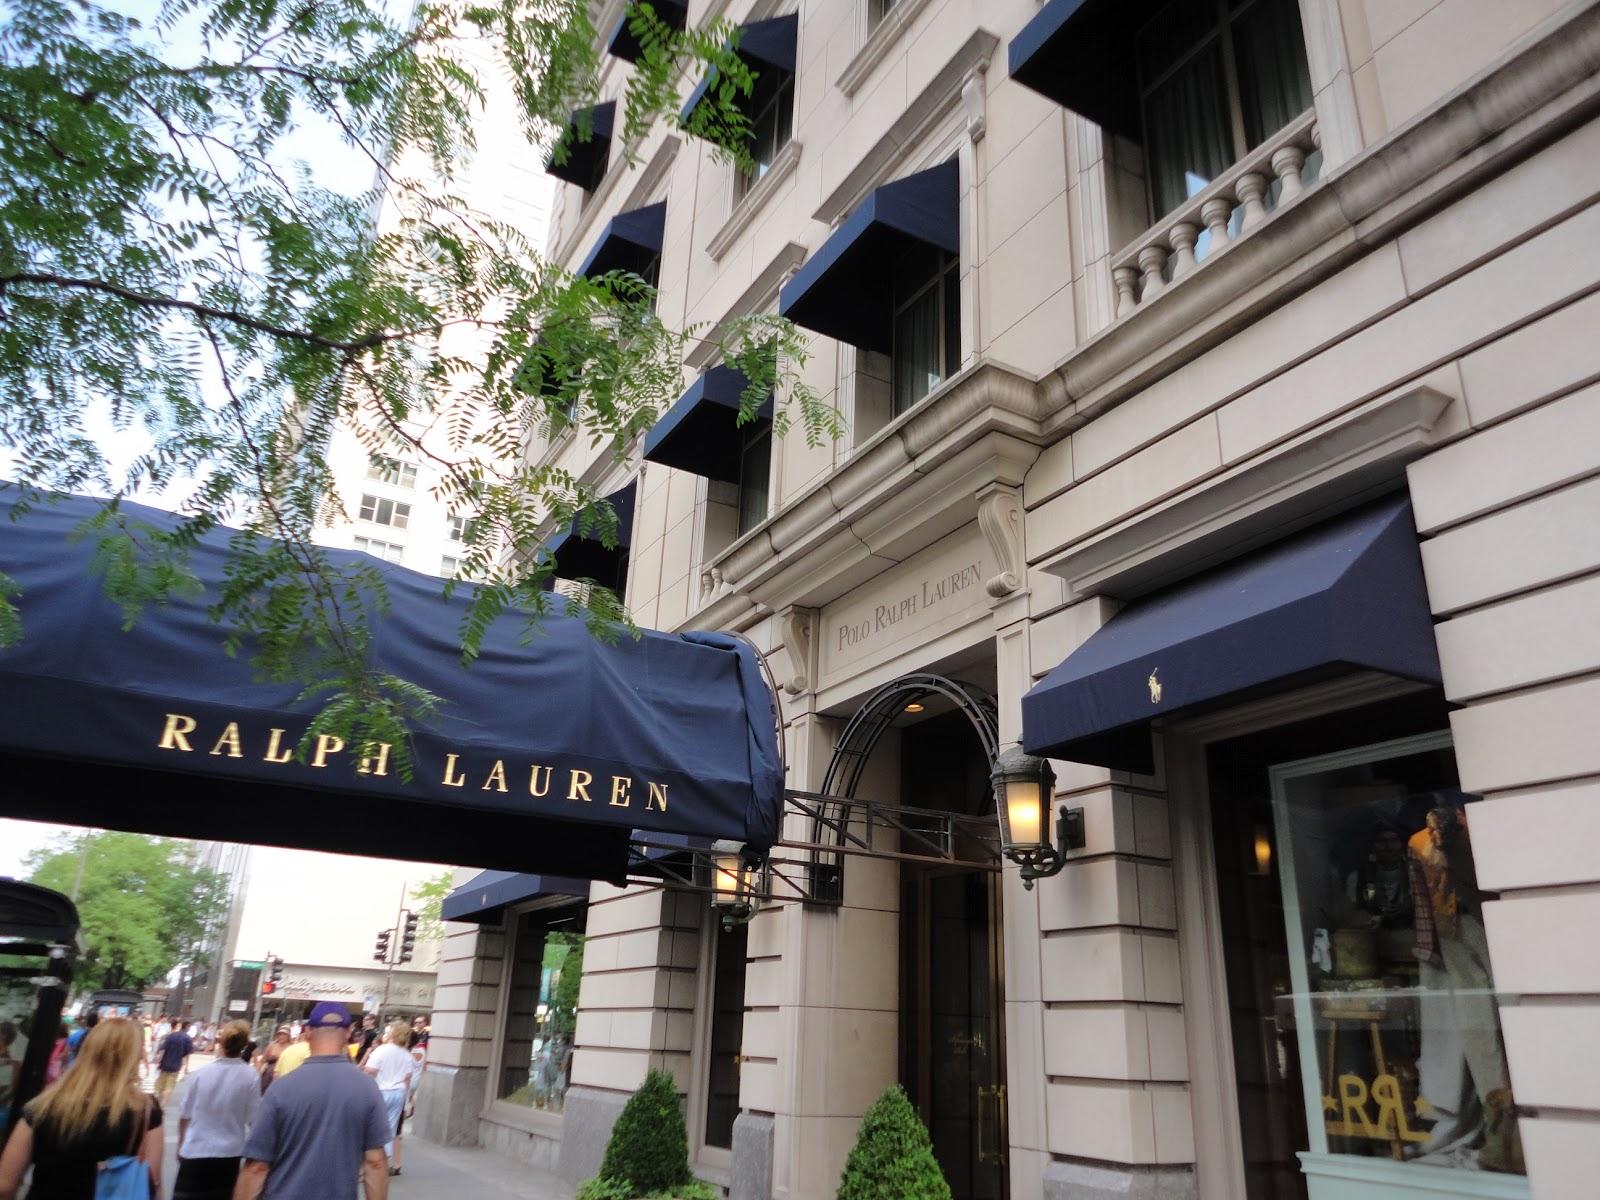 Lauren Lauren Bruxelles Boutique Lauren Ralph Ralph Bruxelles Boutique Boutique Ralph EIDH2W9